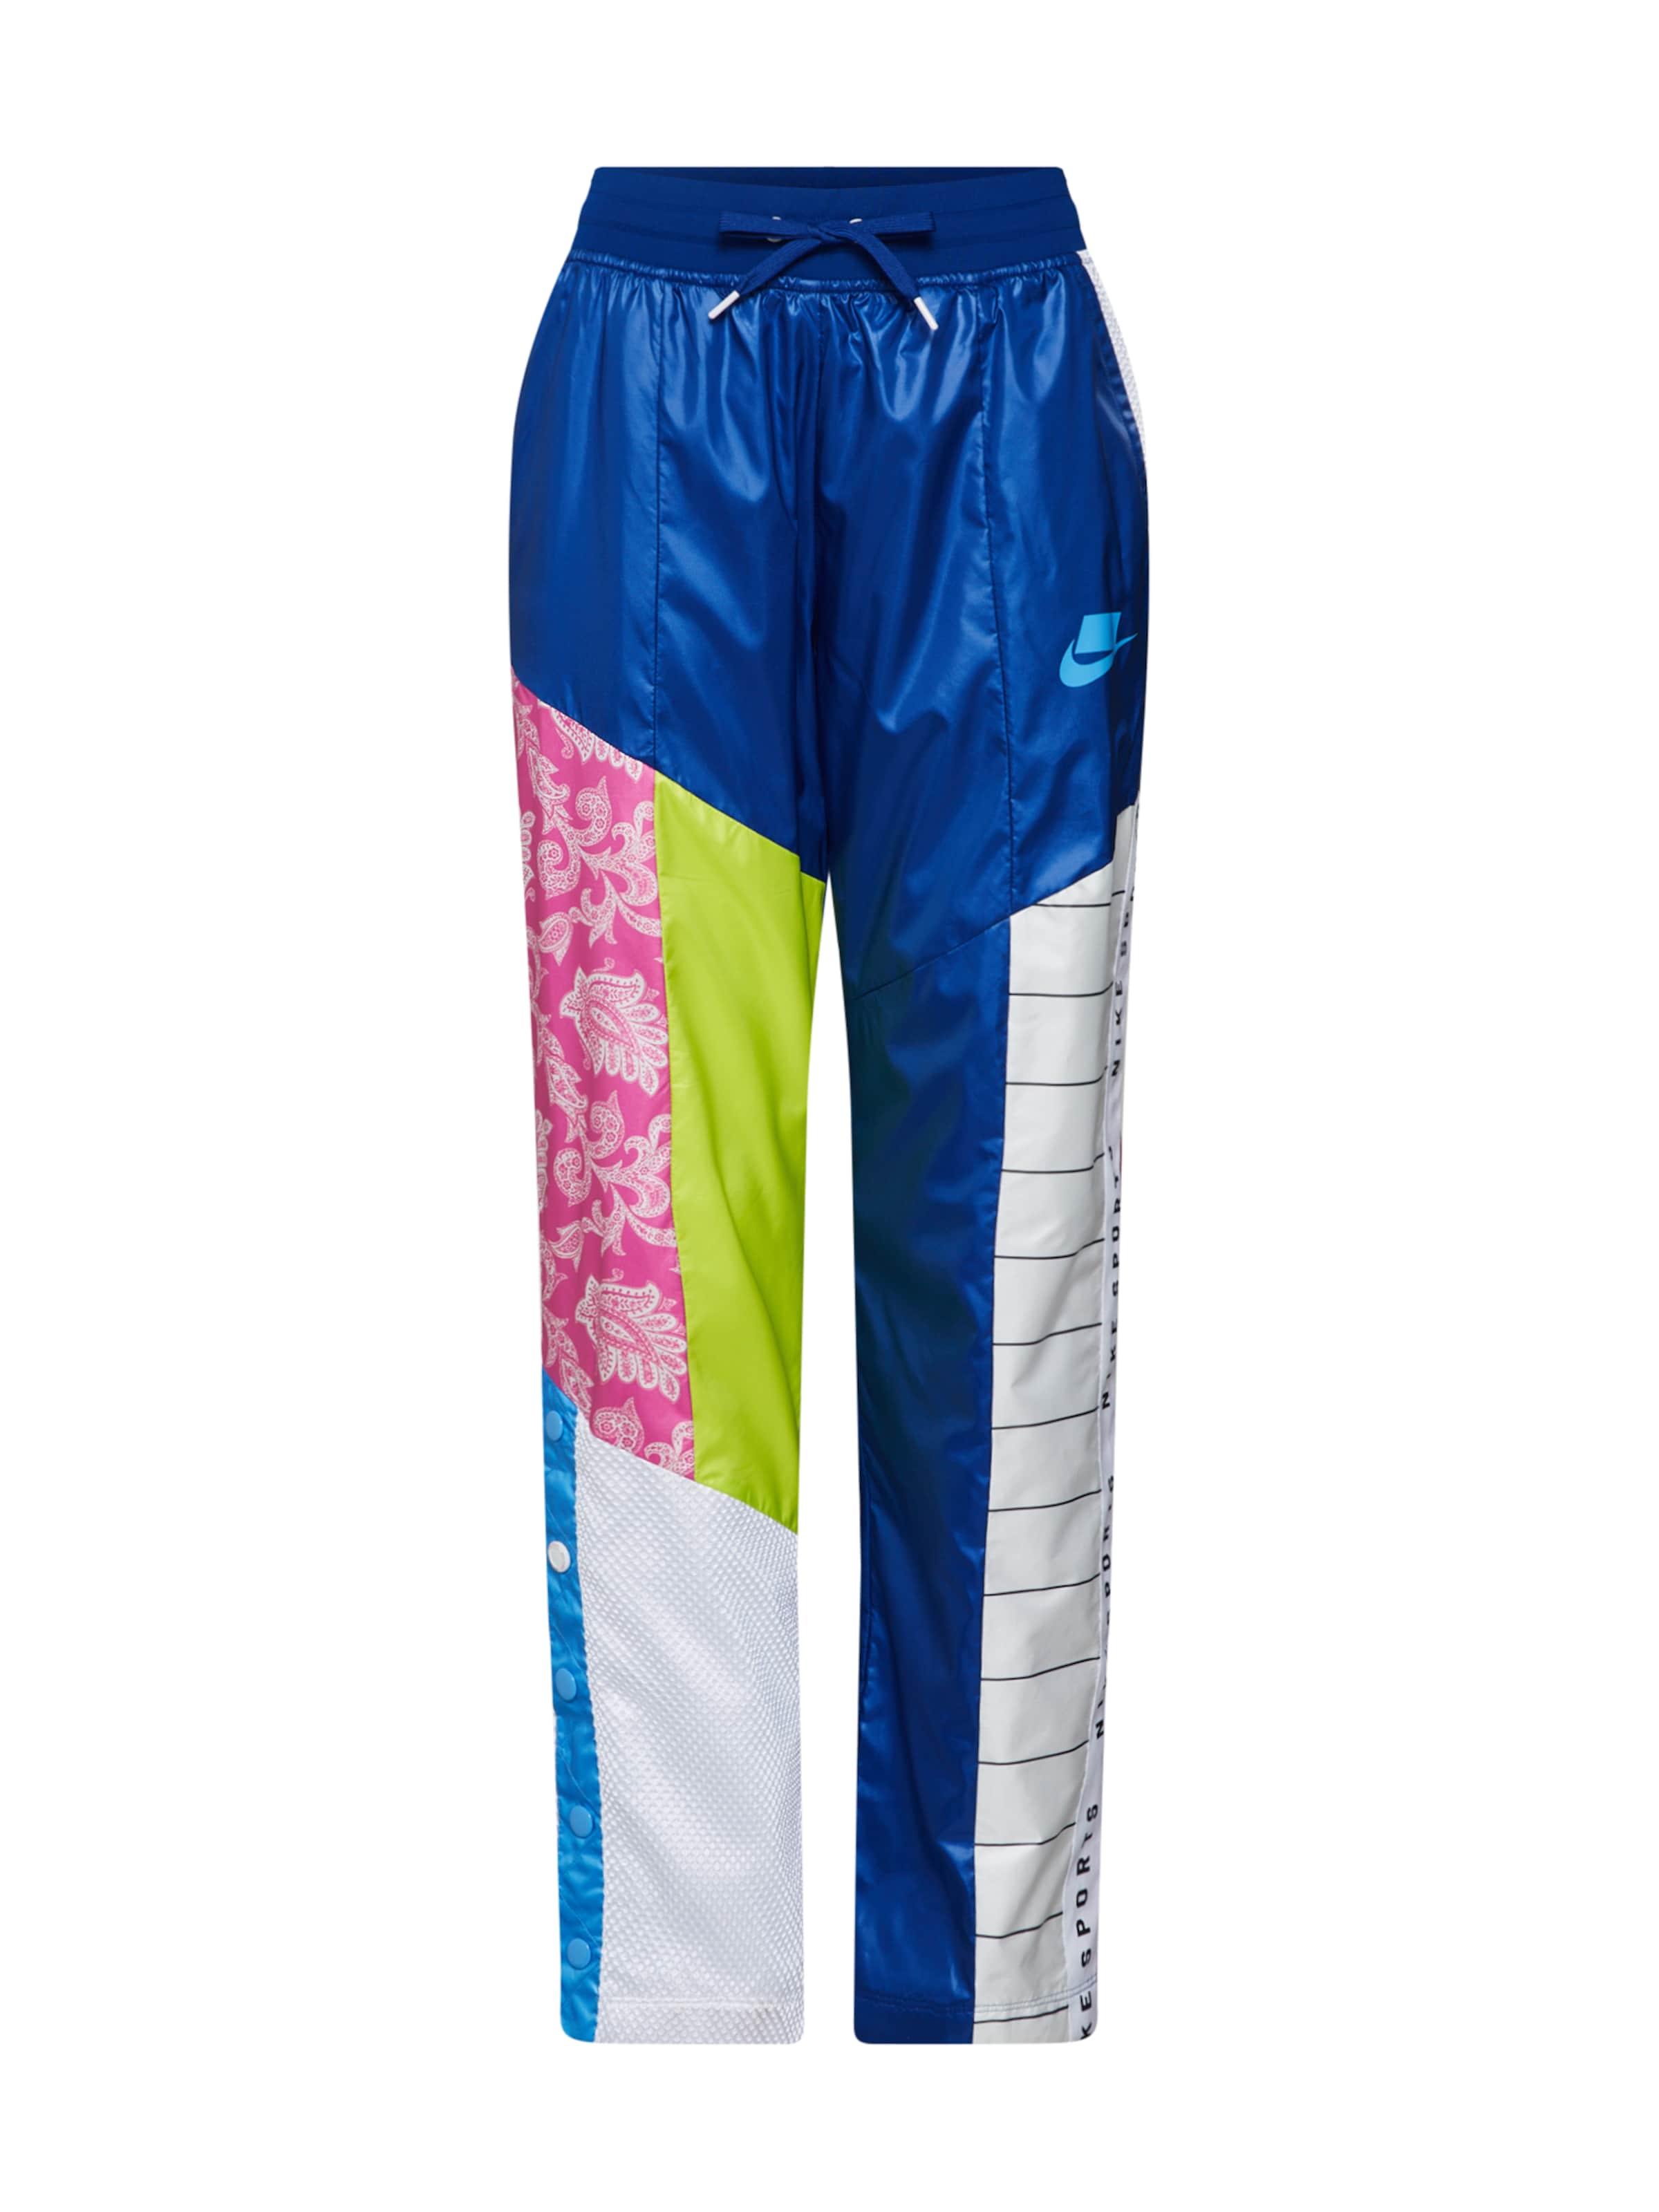 Couleurs BleuMélange Pantalon Nike Blanc Sportswear En De cK1JlF